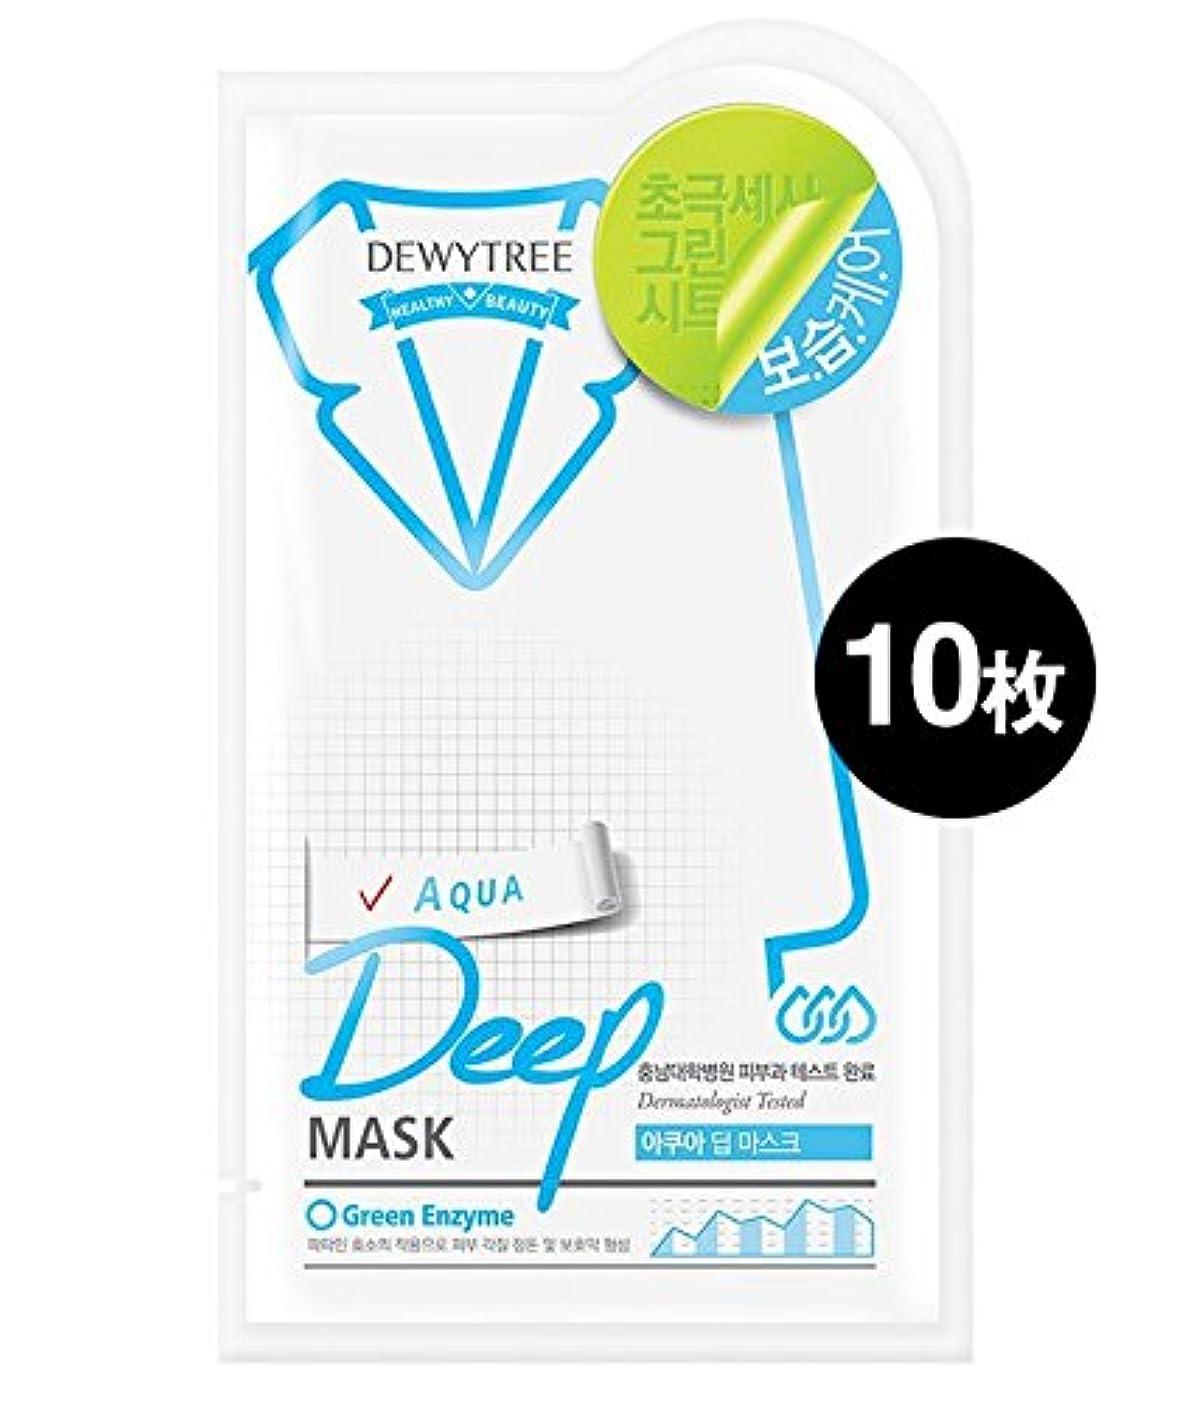 靴旅行編集する(デューイトゥリー) DEWYTREE アクアディープマスク 10枚 Aqua Deep Mask 韓国マスクパック (並行輸入品)